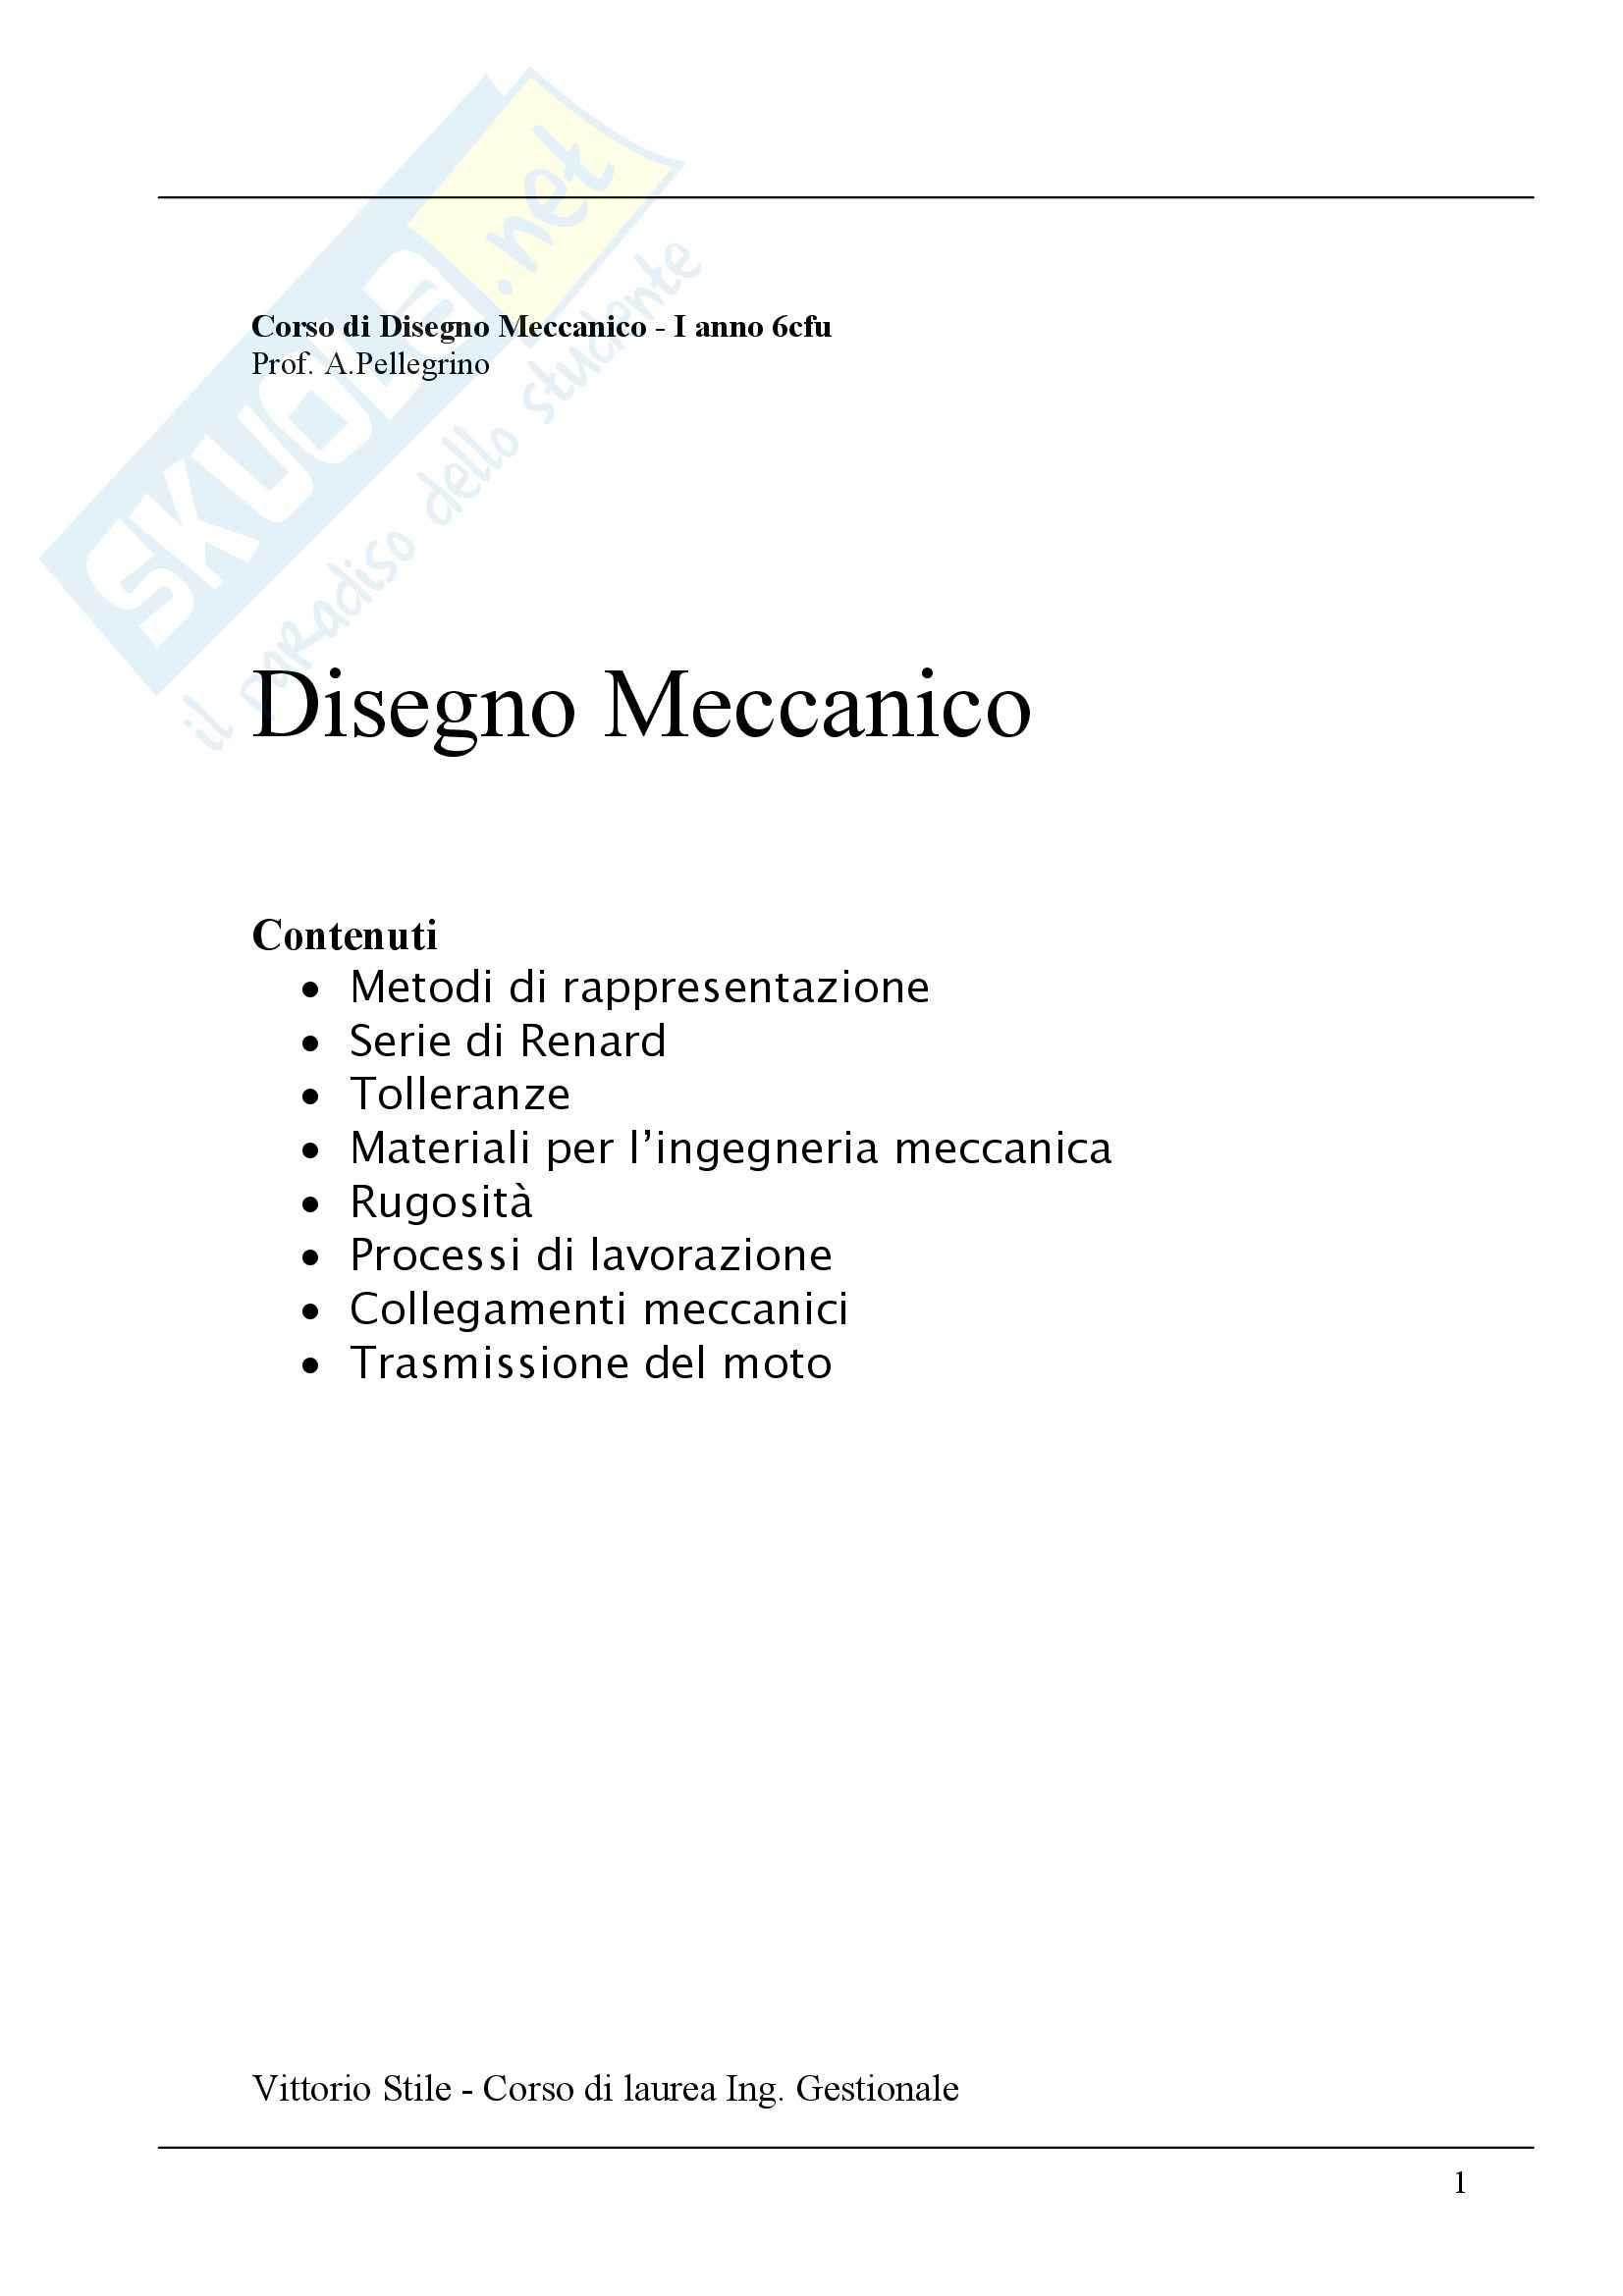 Disegno Meccanico - Appunti